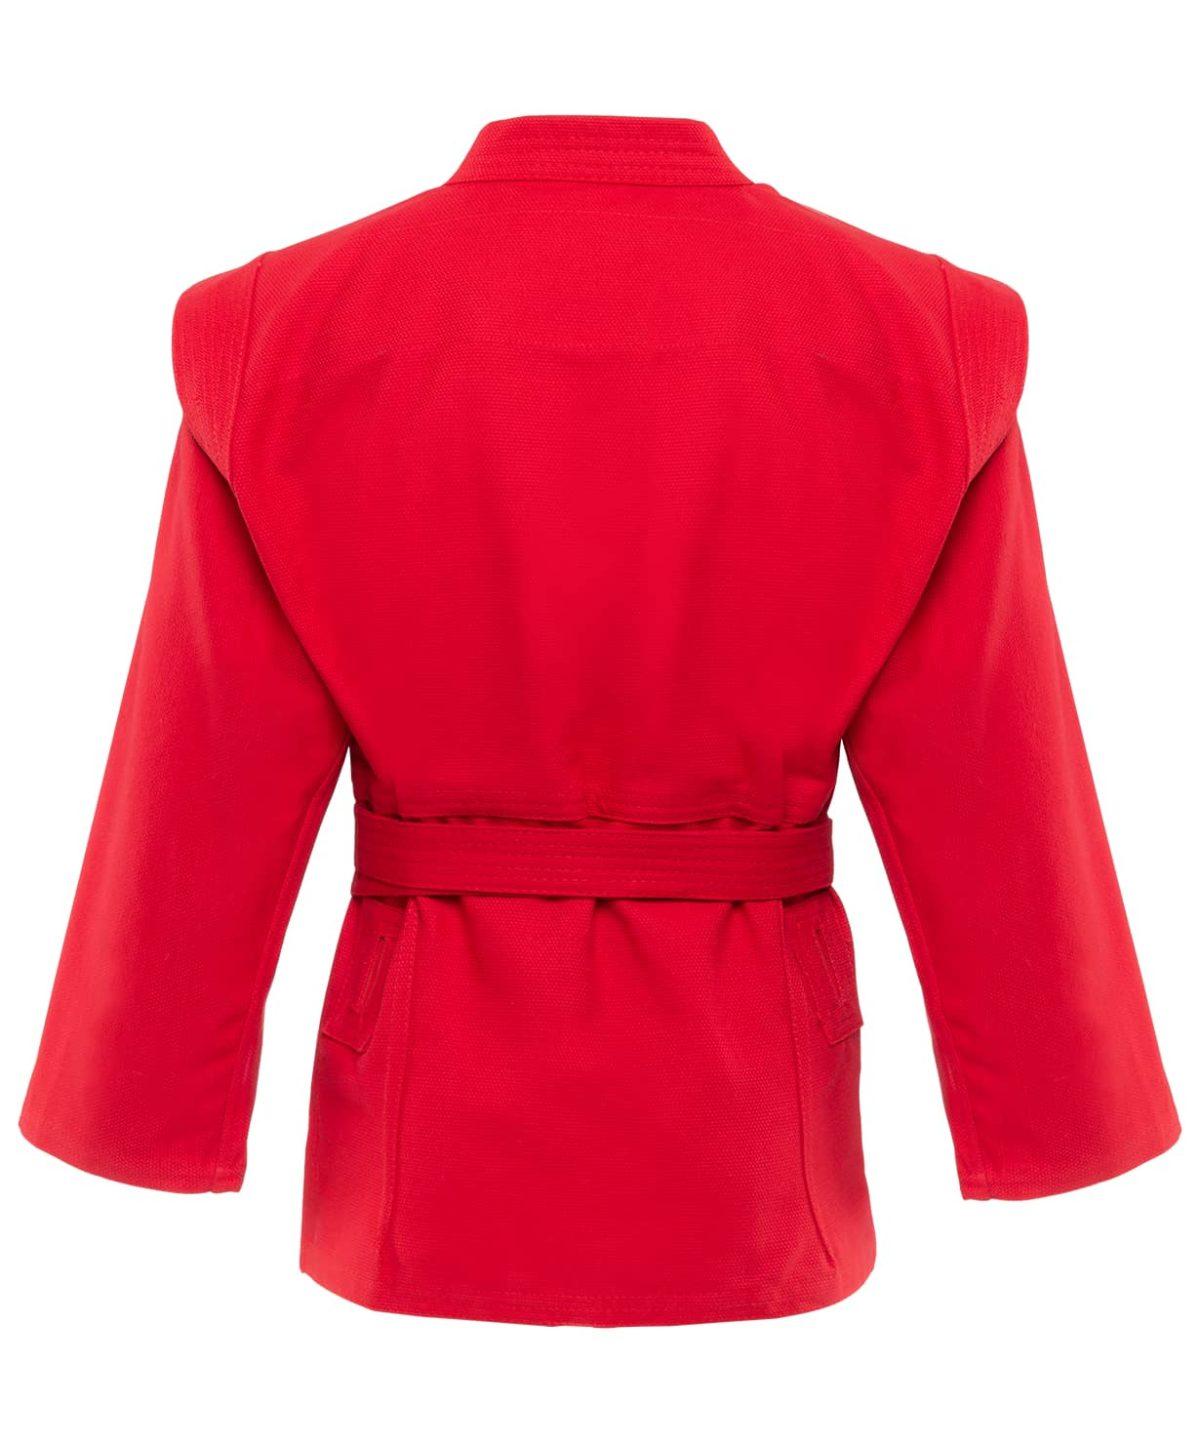 GREEN HILL Куртка для самбо 0/130  JS-302: красный - 2